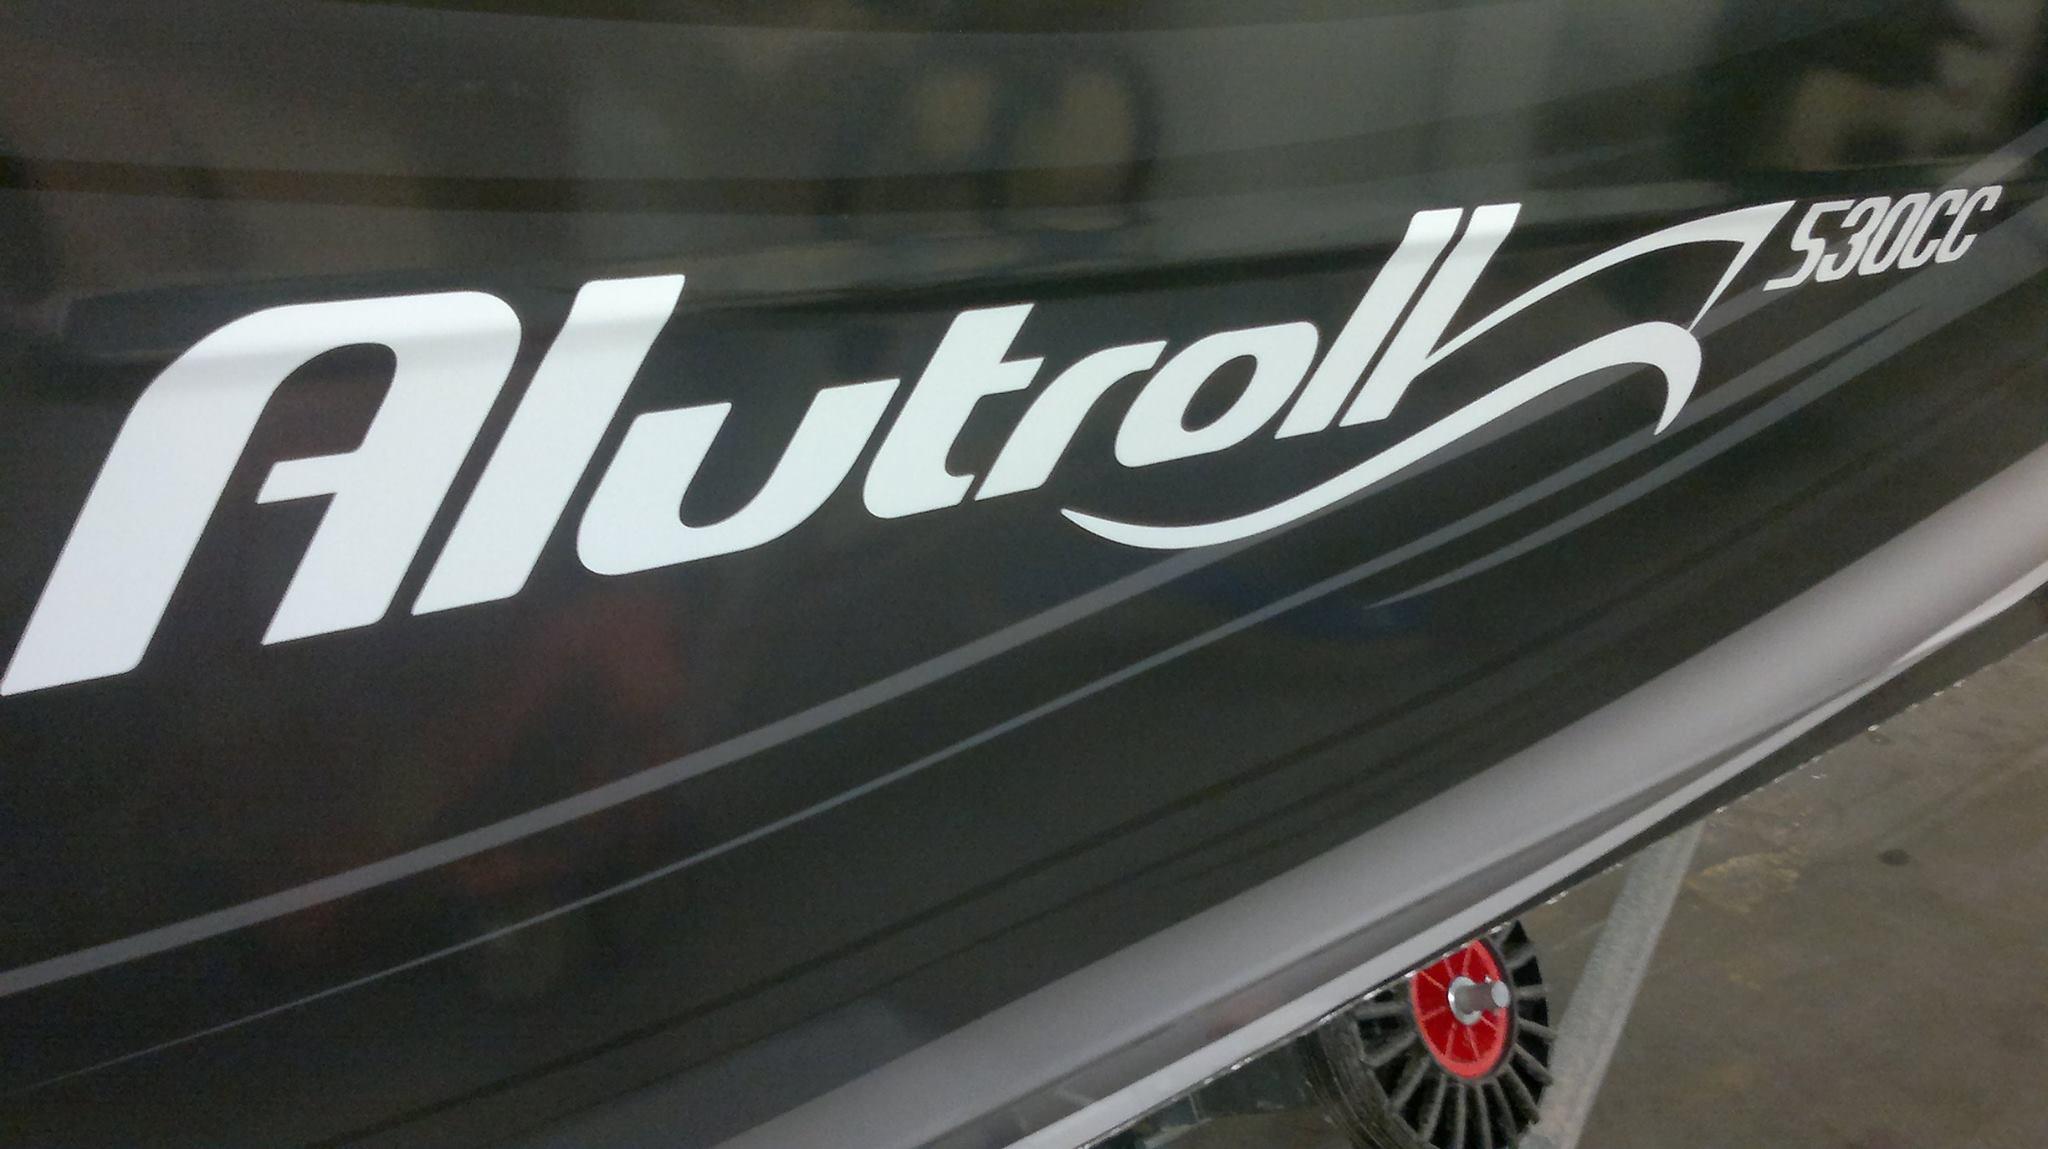 Alutroll 530CC